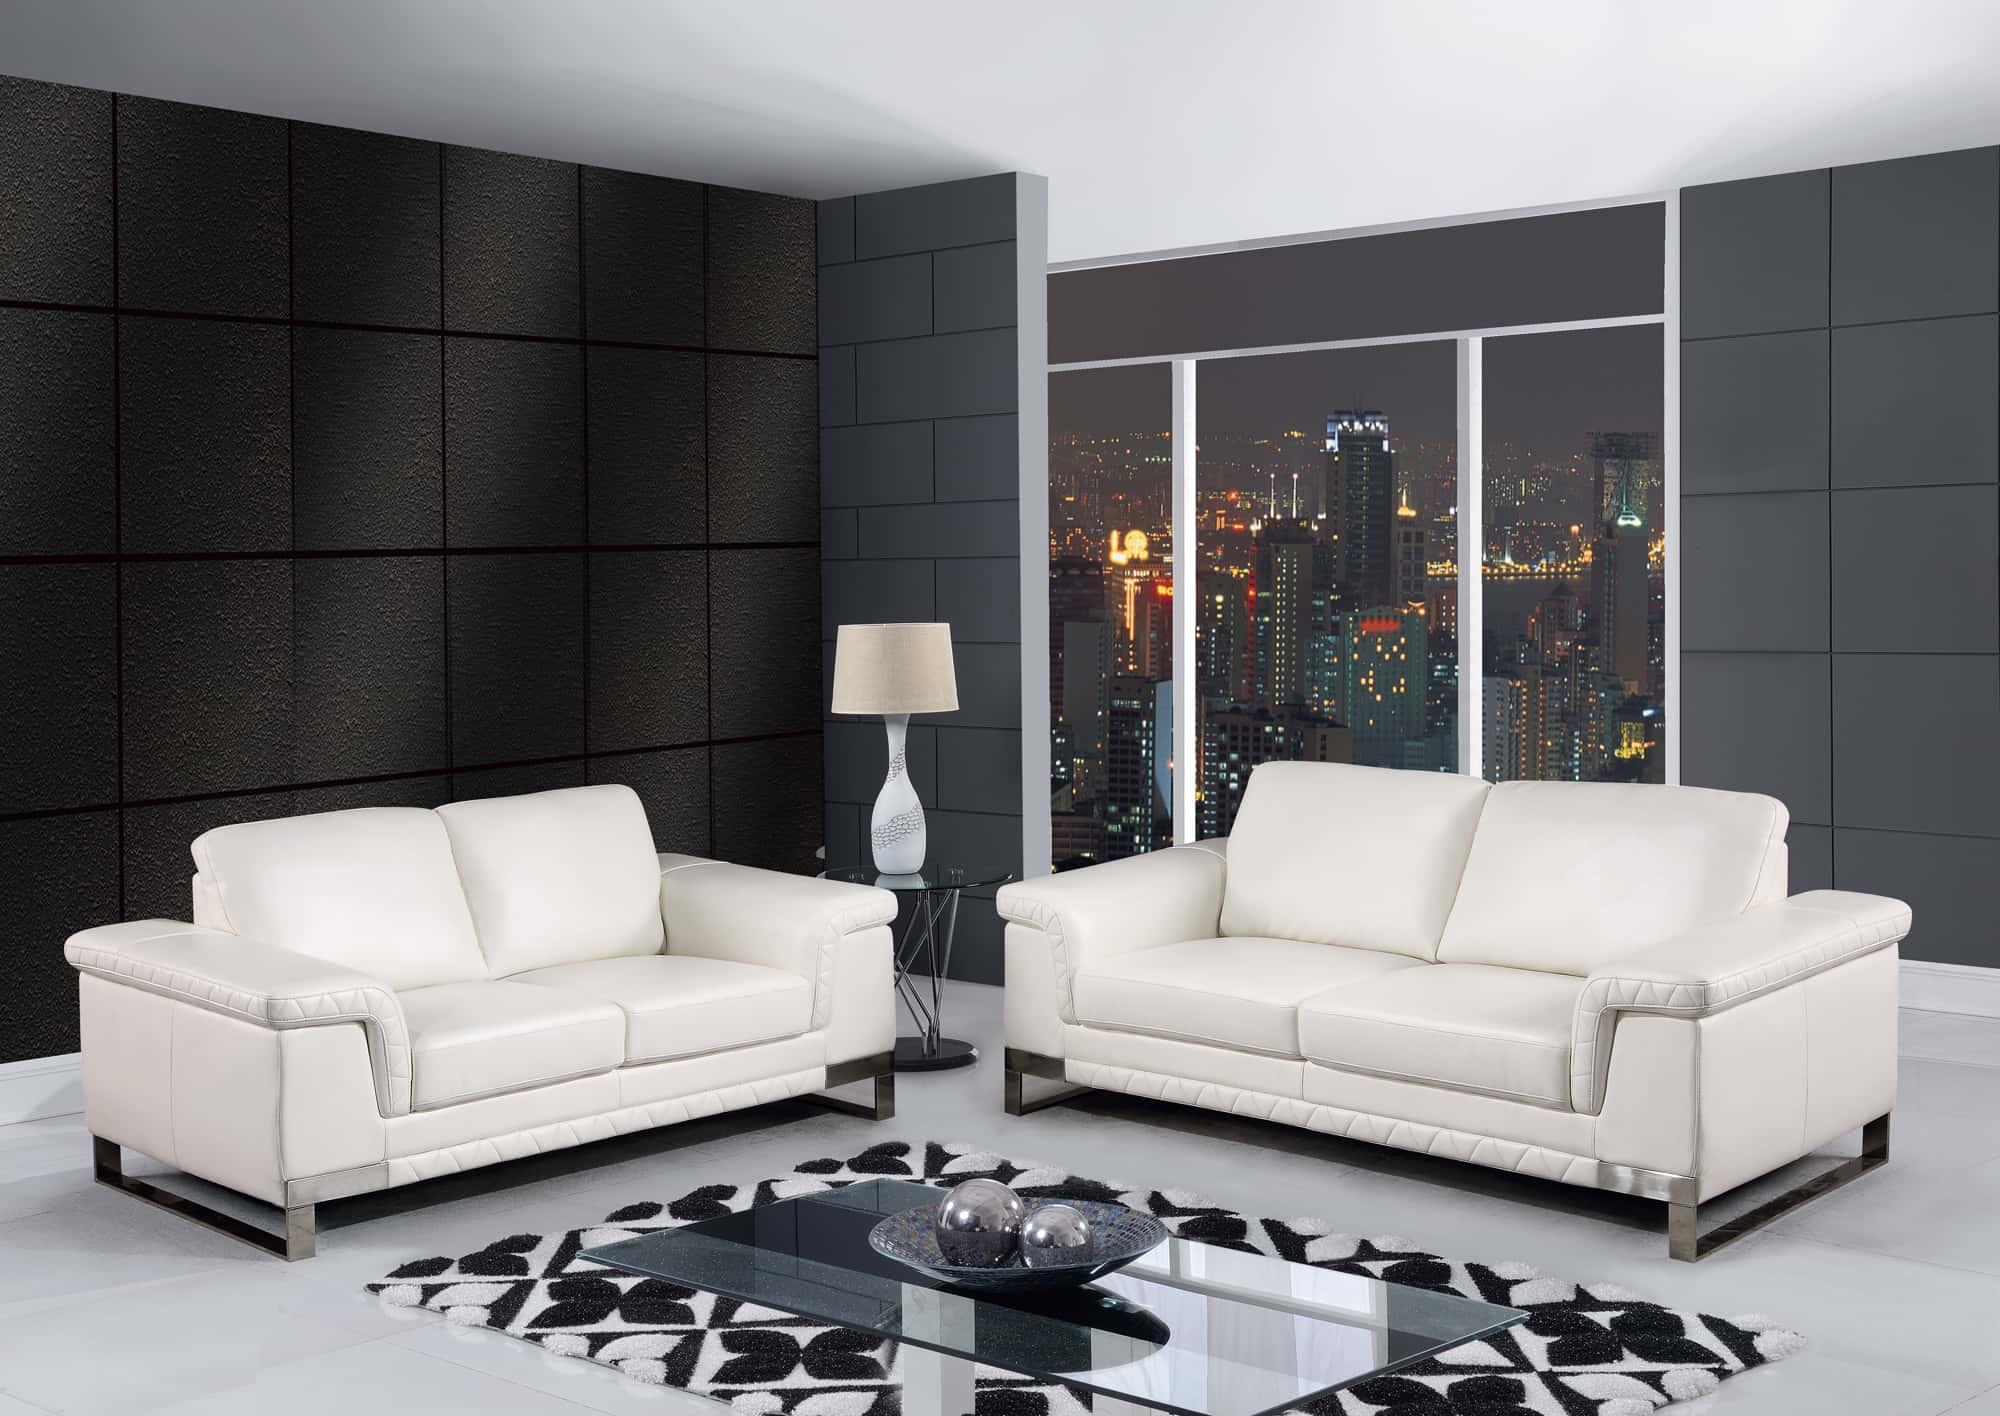 U7660 White Leather Gel Sofa by Global Furniture